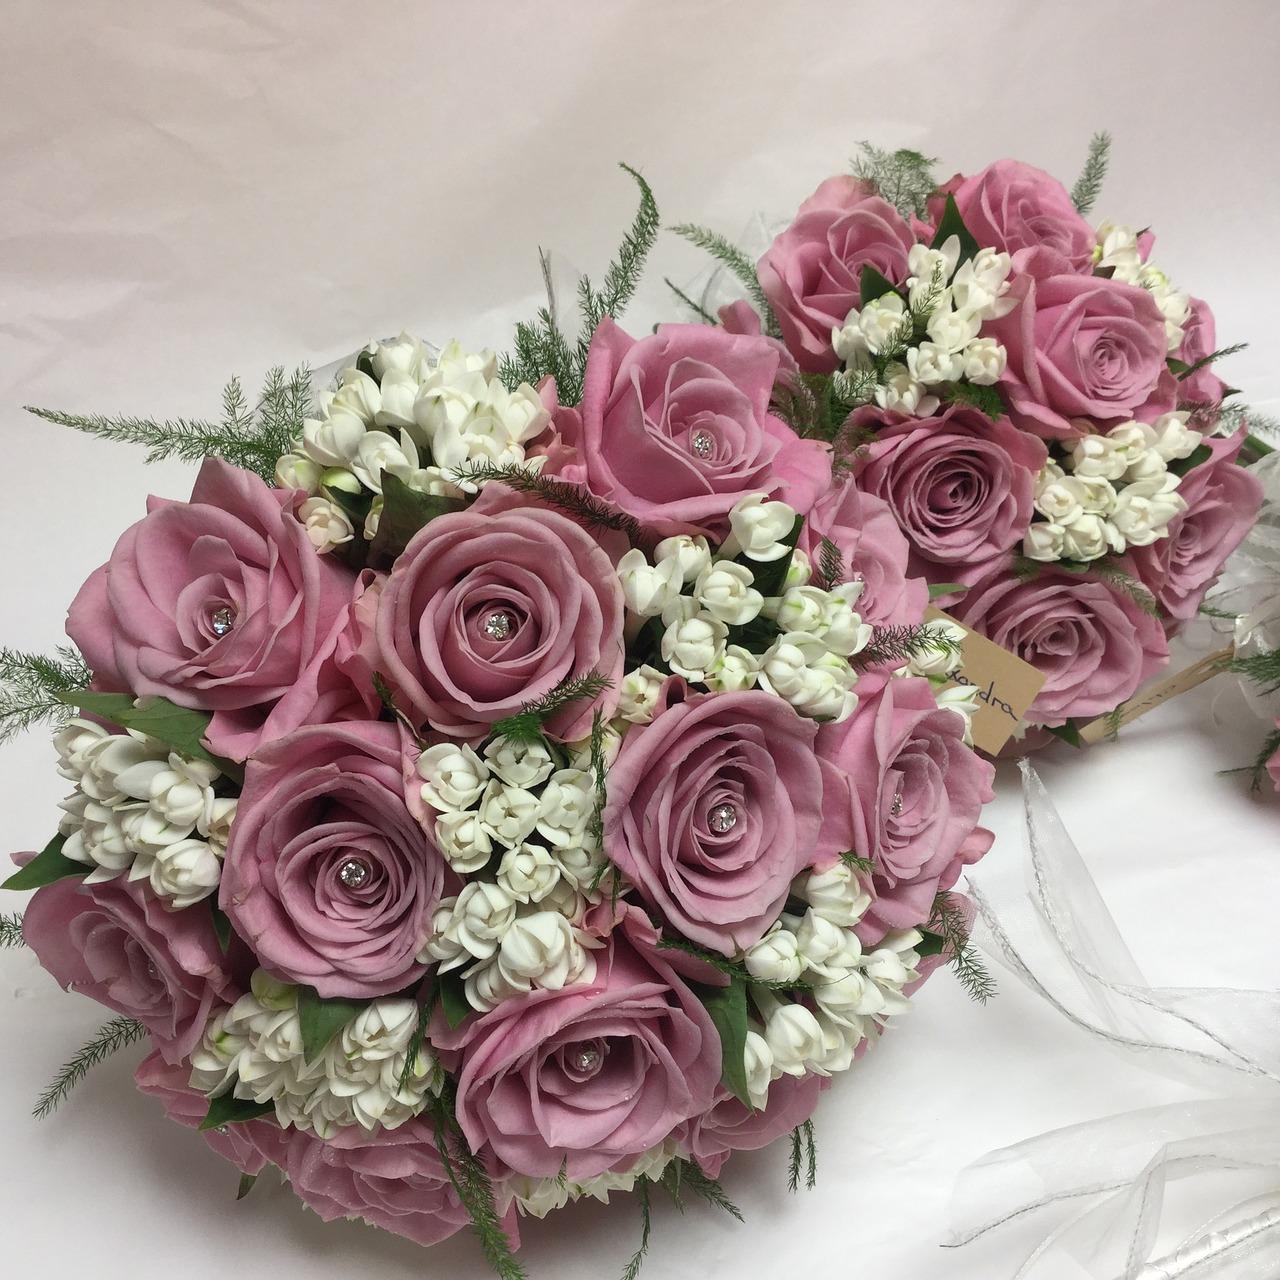 bouquet-1281009_1280.jpg